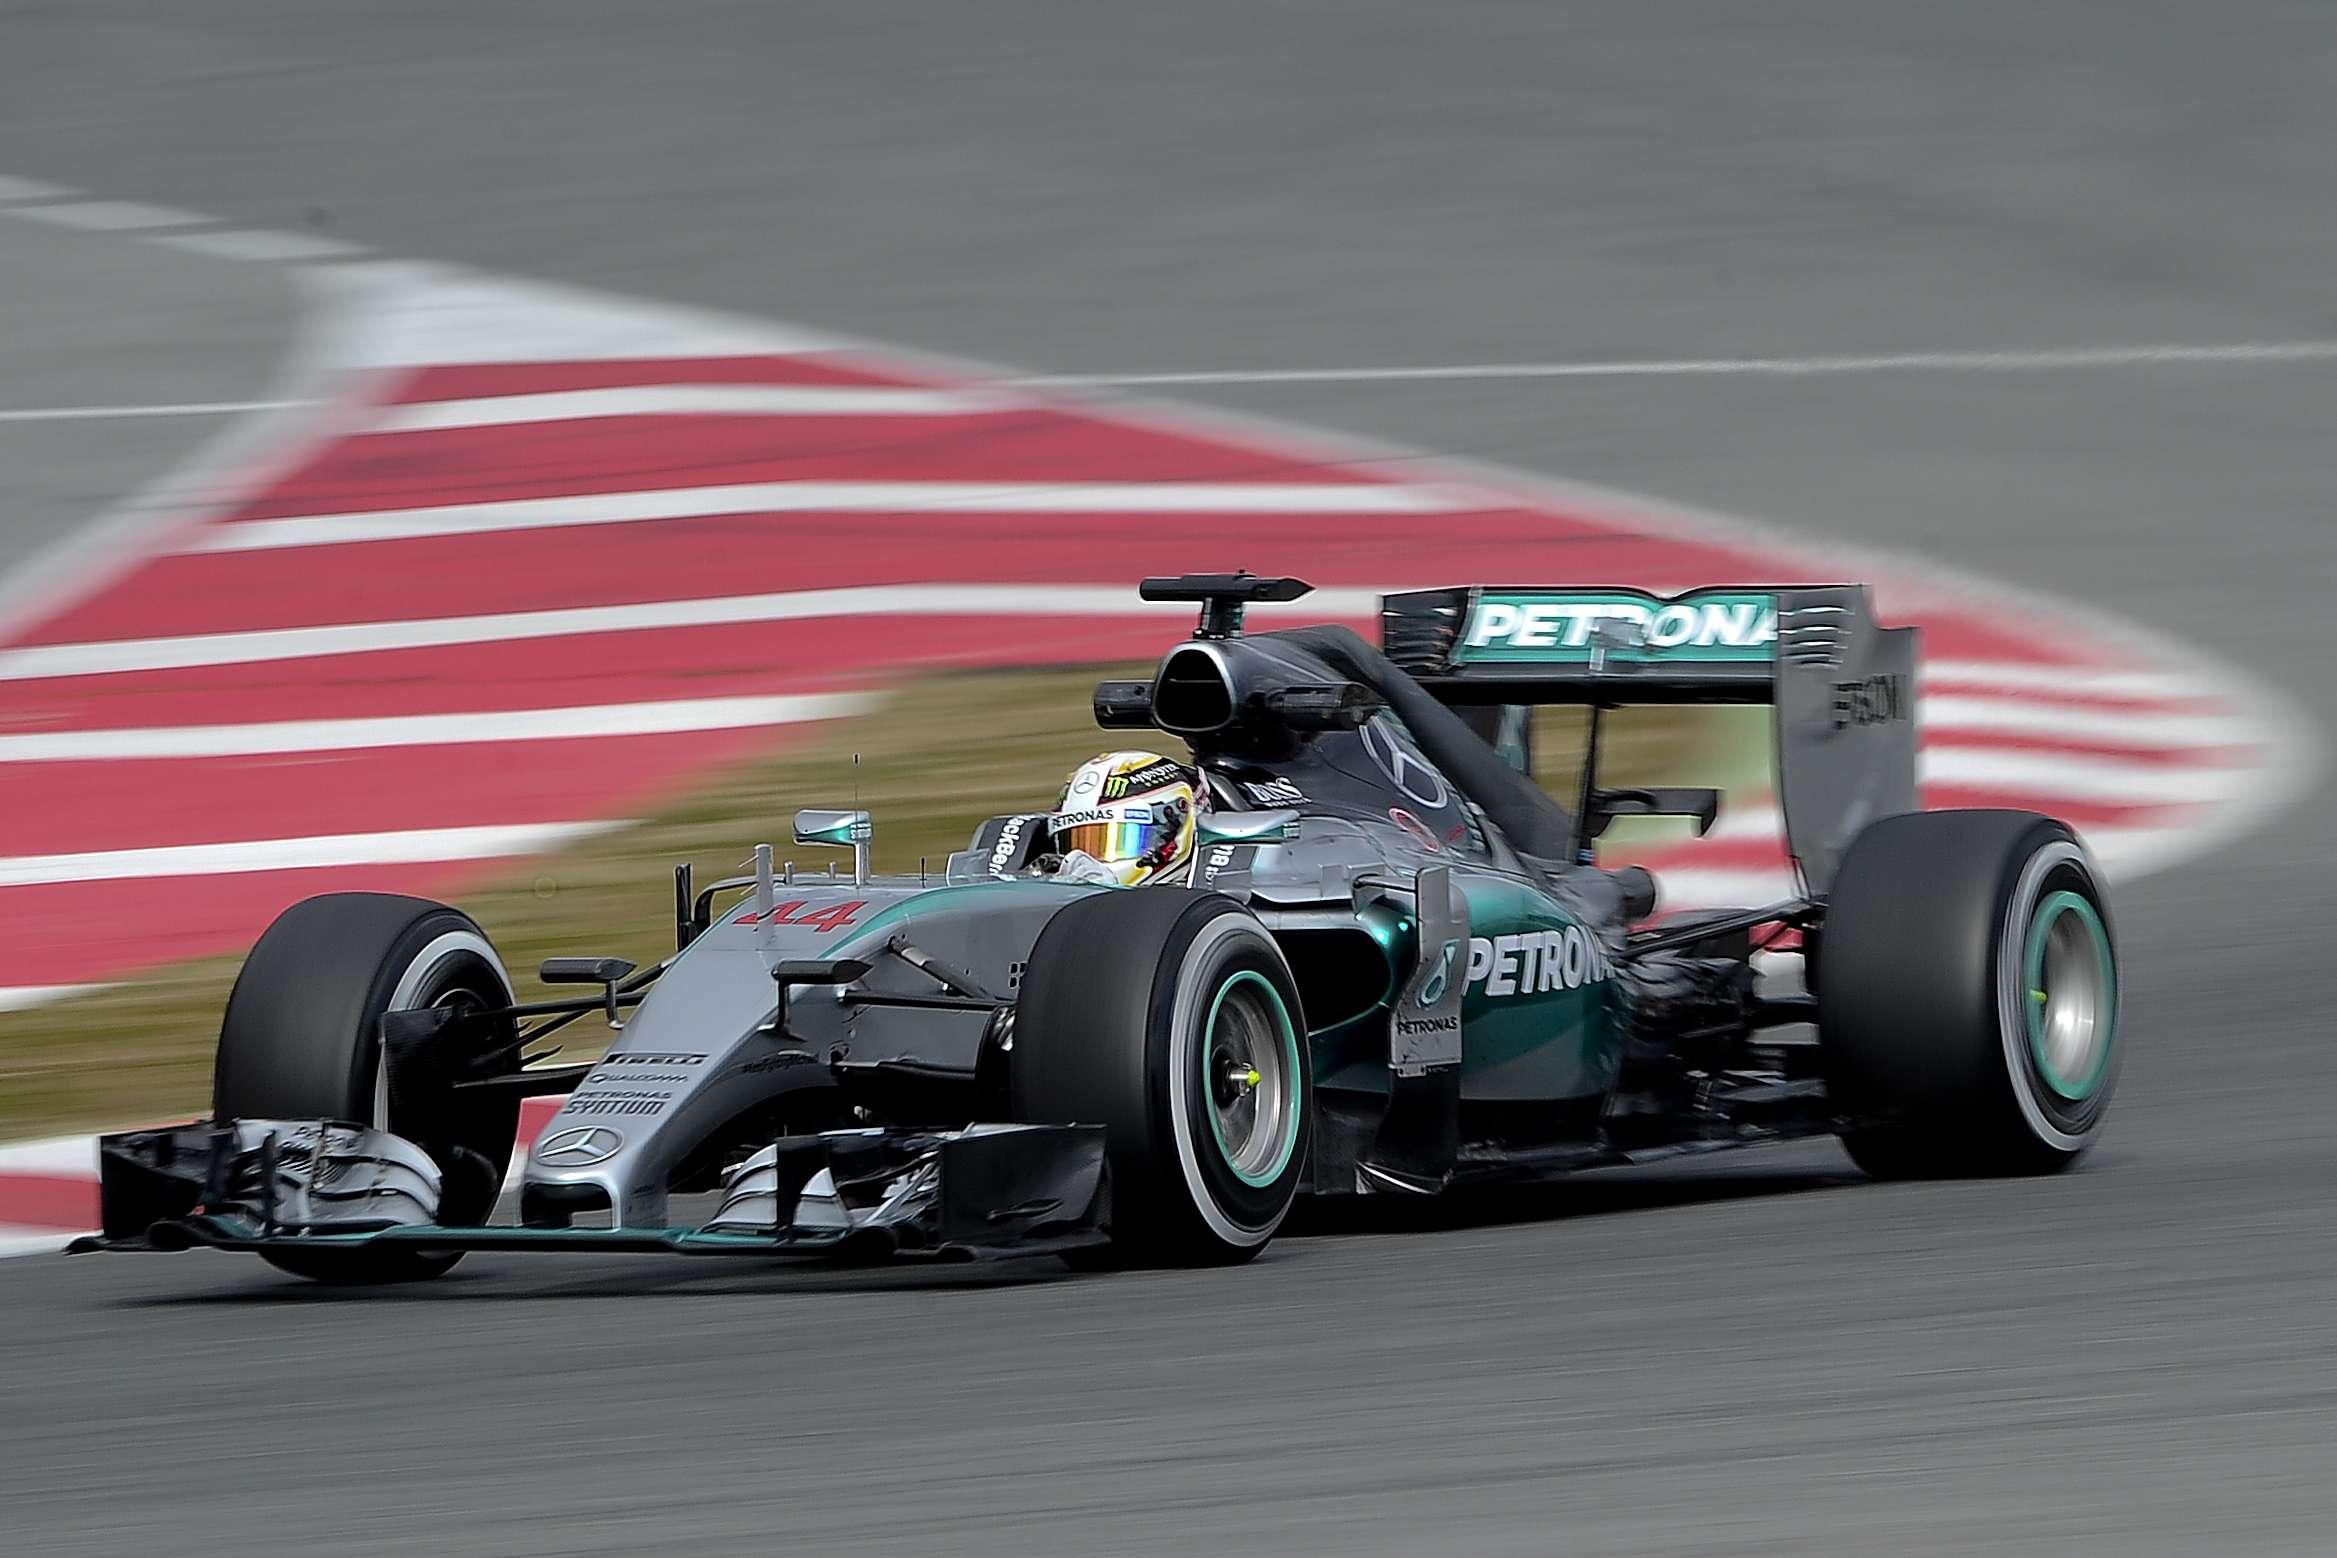 Mercedes hizo el 1-2 con Hamilton y Rosberg en el campeonato de pilotos. Foto: AFP en español